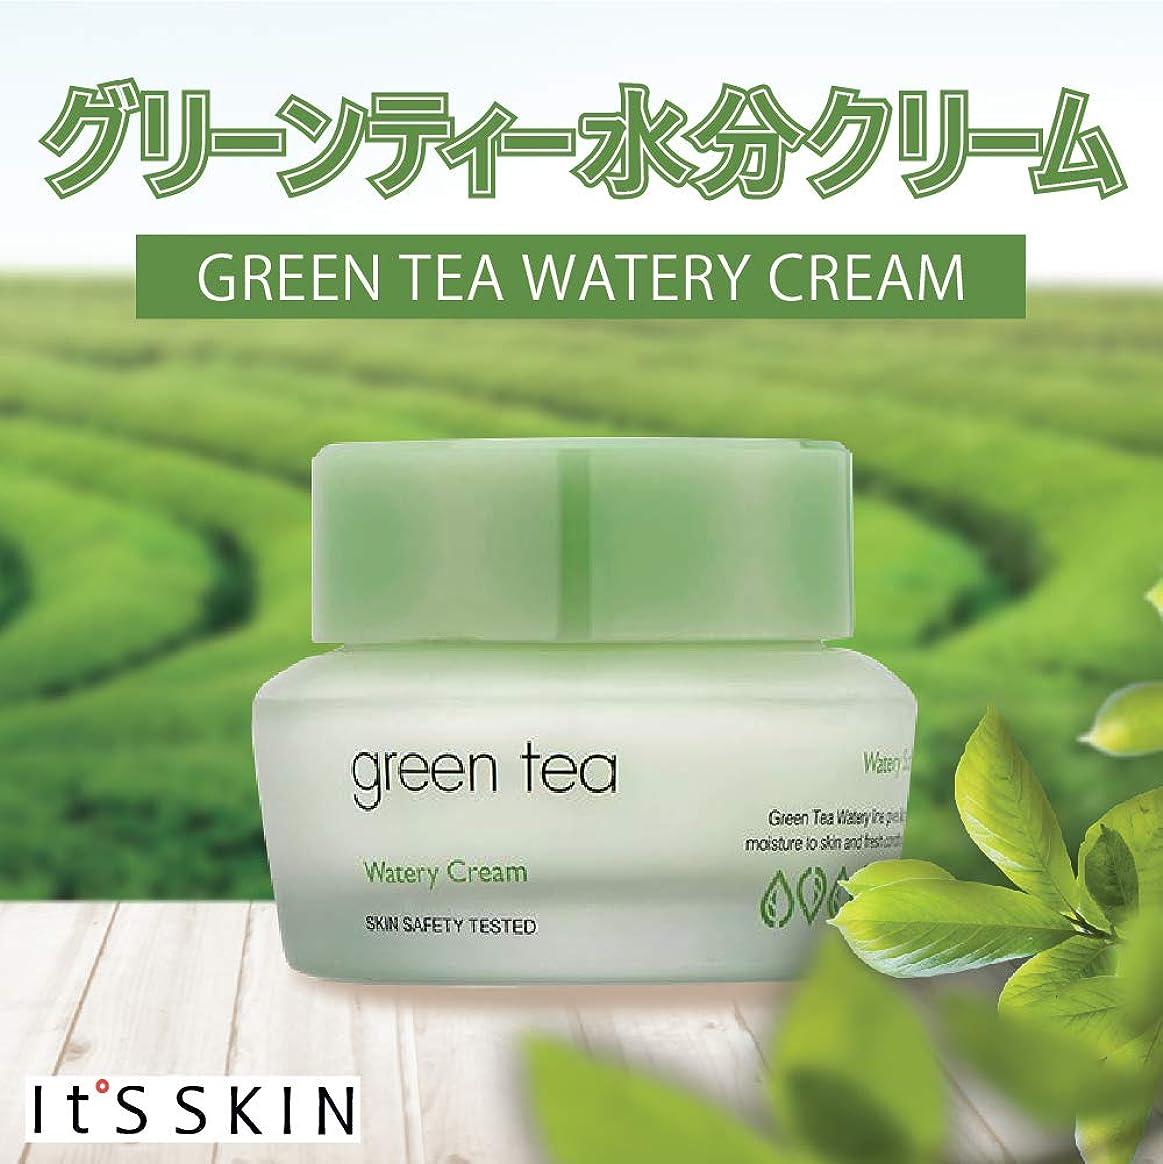 トランクスーパーフェンスIt's SKIN イッツスキン グリーン ティー ウォーターリー クリーム Green Tea Watery Cream 50g 【 水分 クリーム しっとり 保湿 キメ 韓国コスメ 】